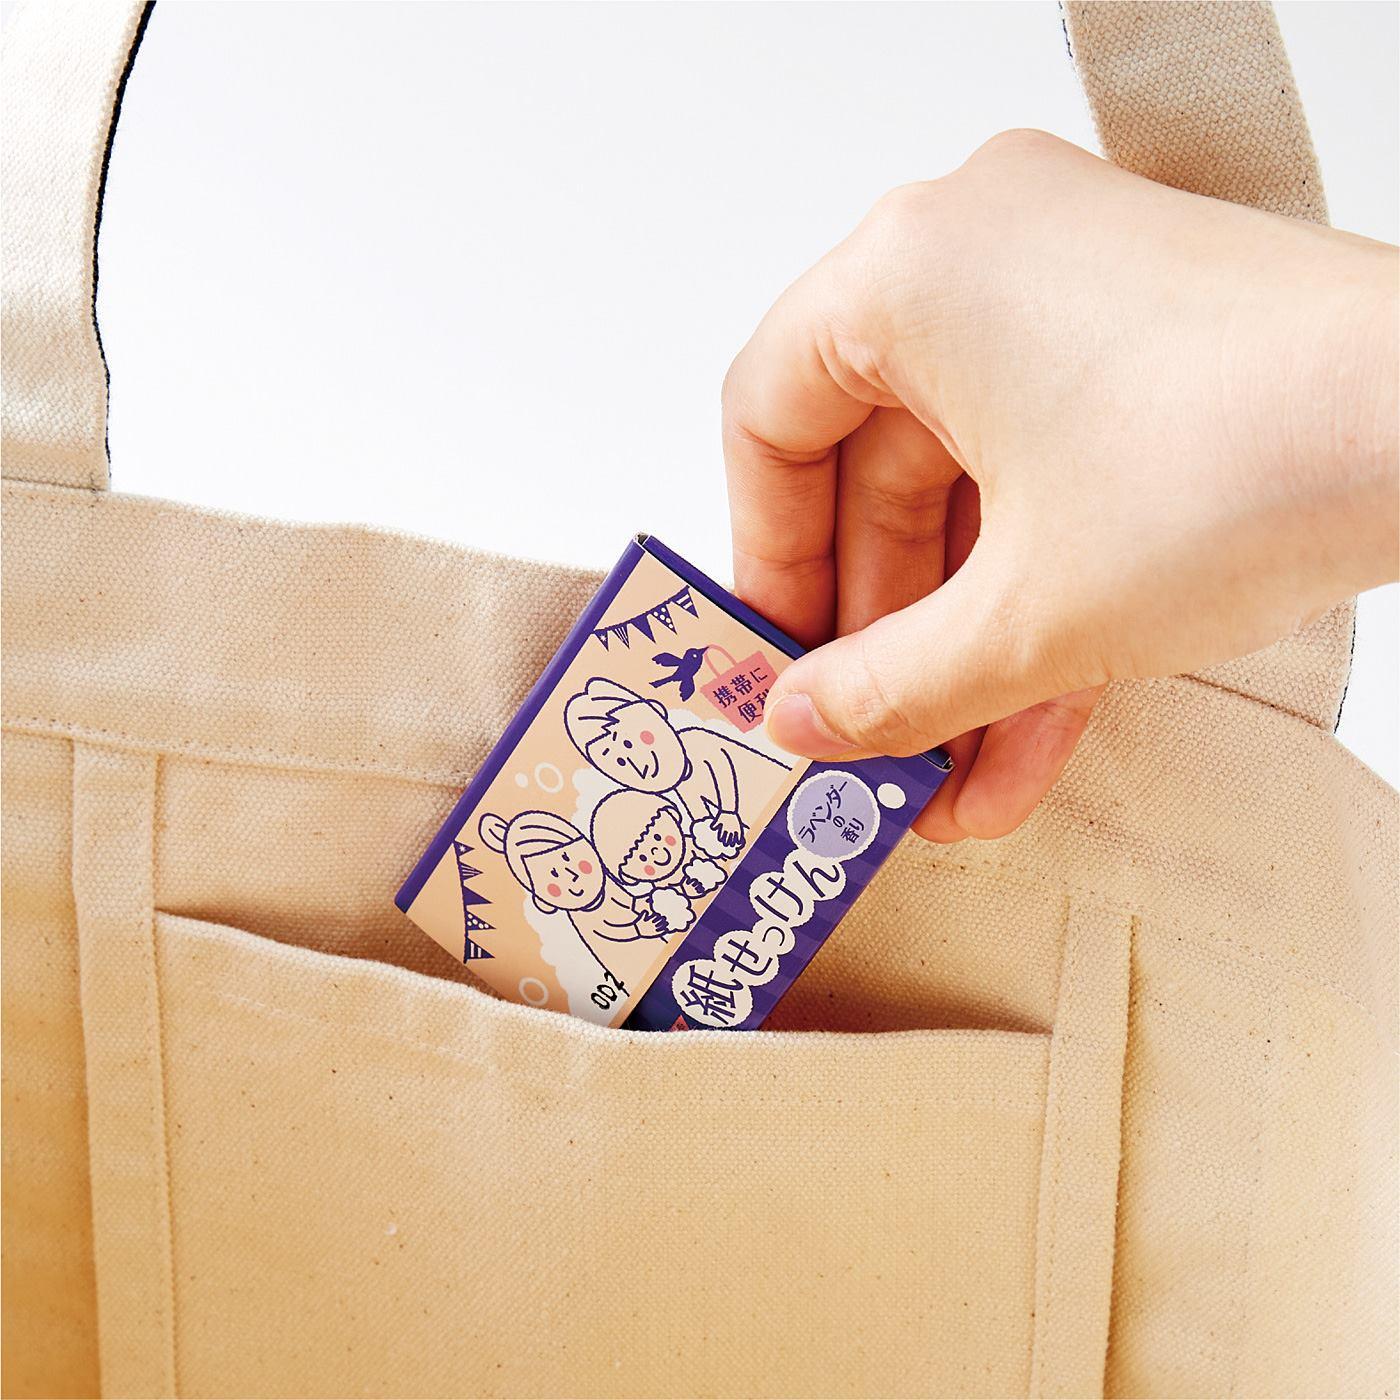 Kraso[クラソ] 持ち歩いていつでも手洗い 無添加がうれしい紙せっけん〈2個セット〉の会 かばんのポケットなどにしのばせておける薄型タイプ。